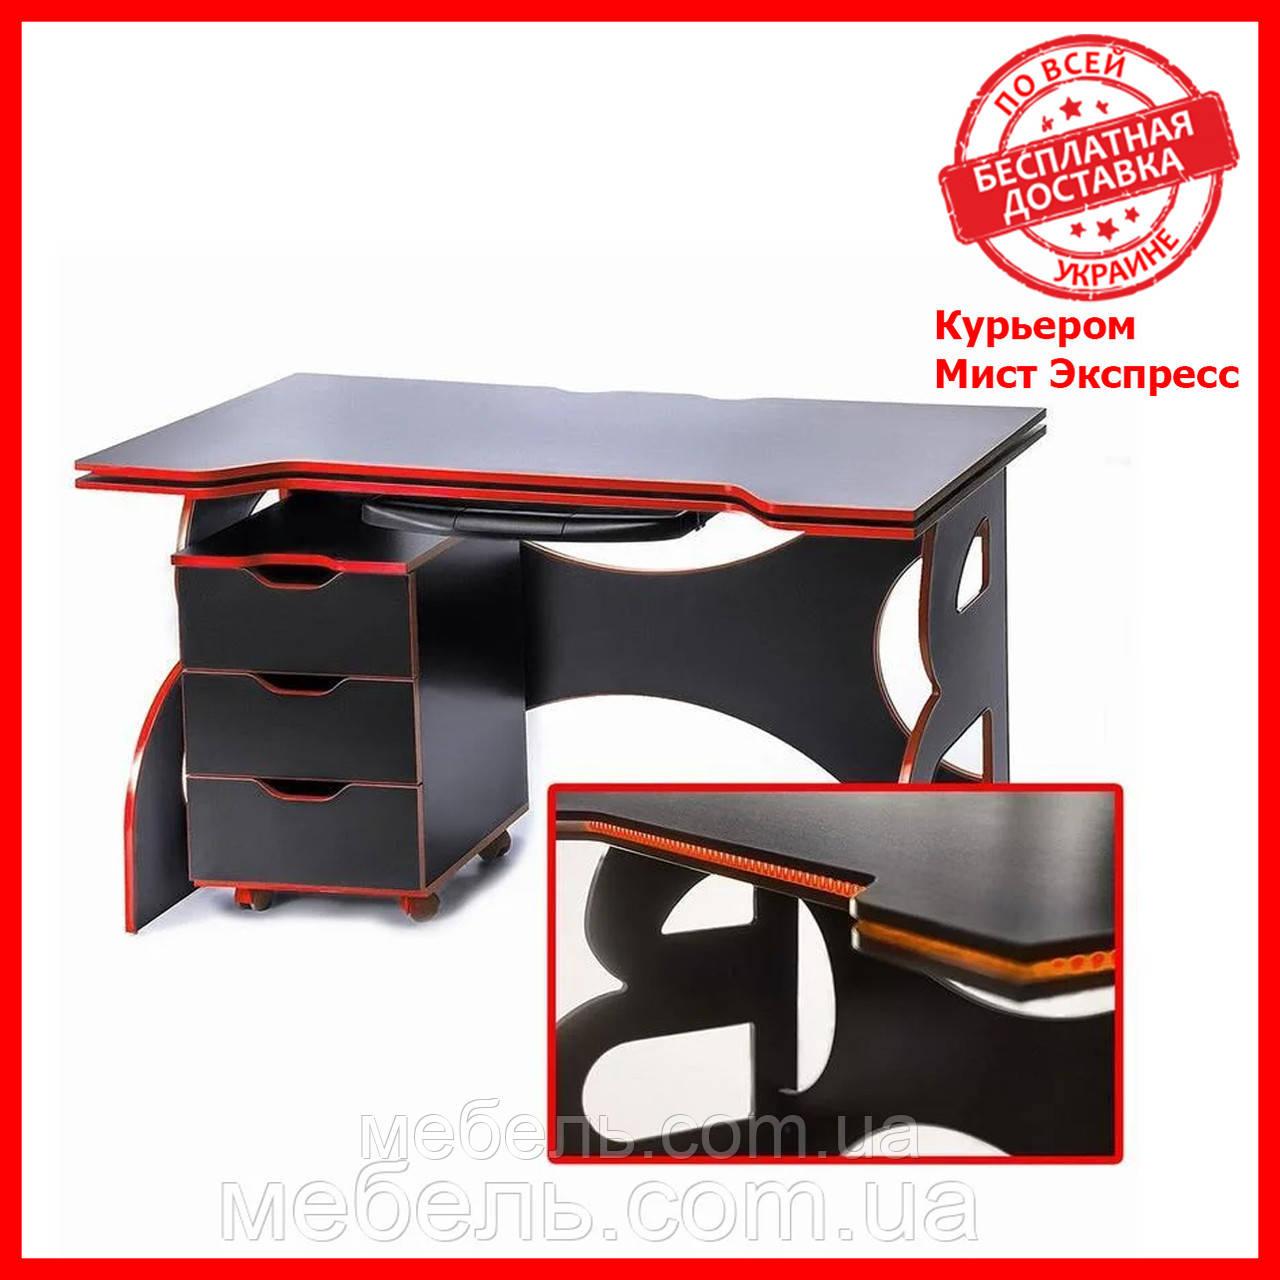 Офисный стол Barsky HG-05/CUP-05 Game Red, стол с мобильной тумбой